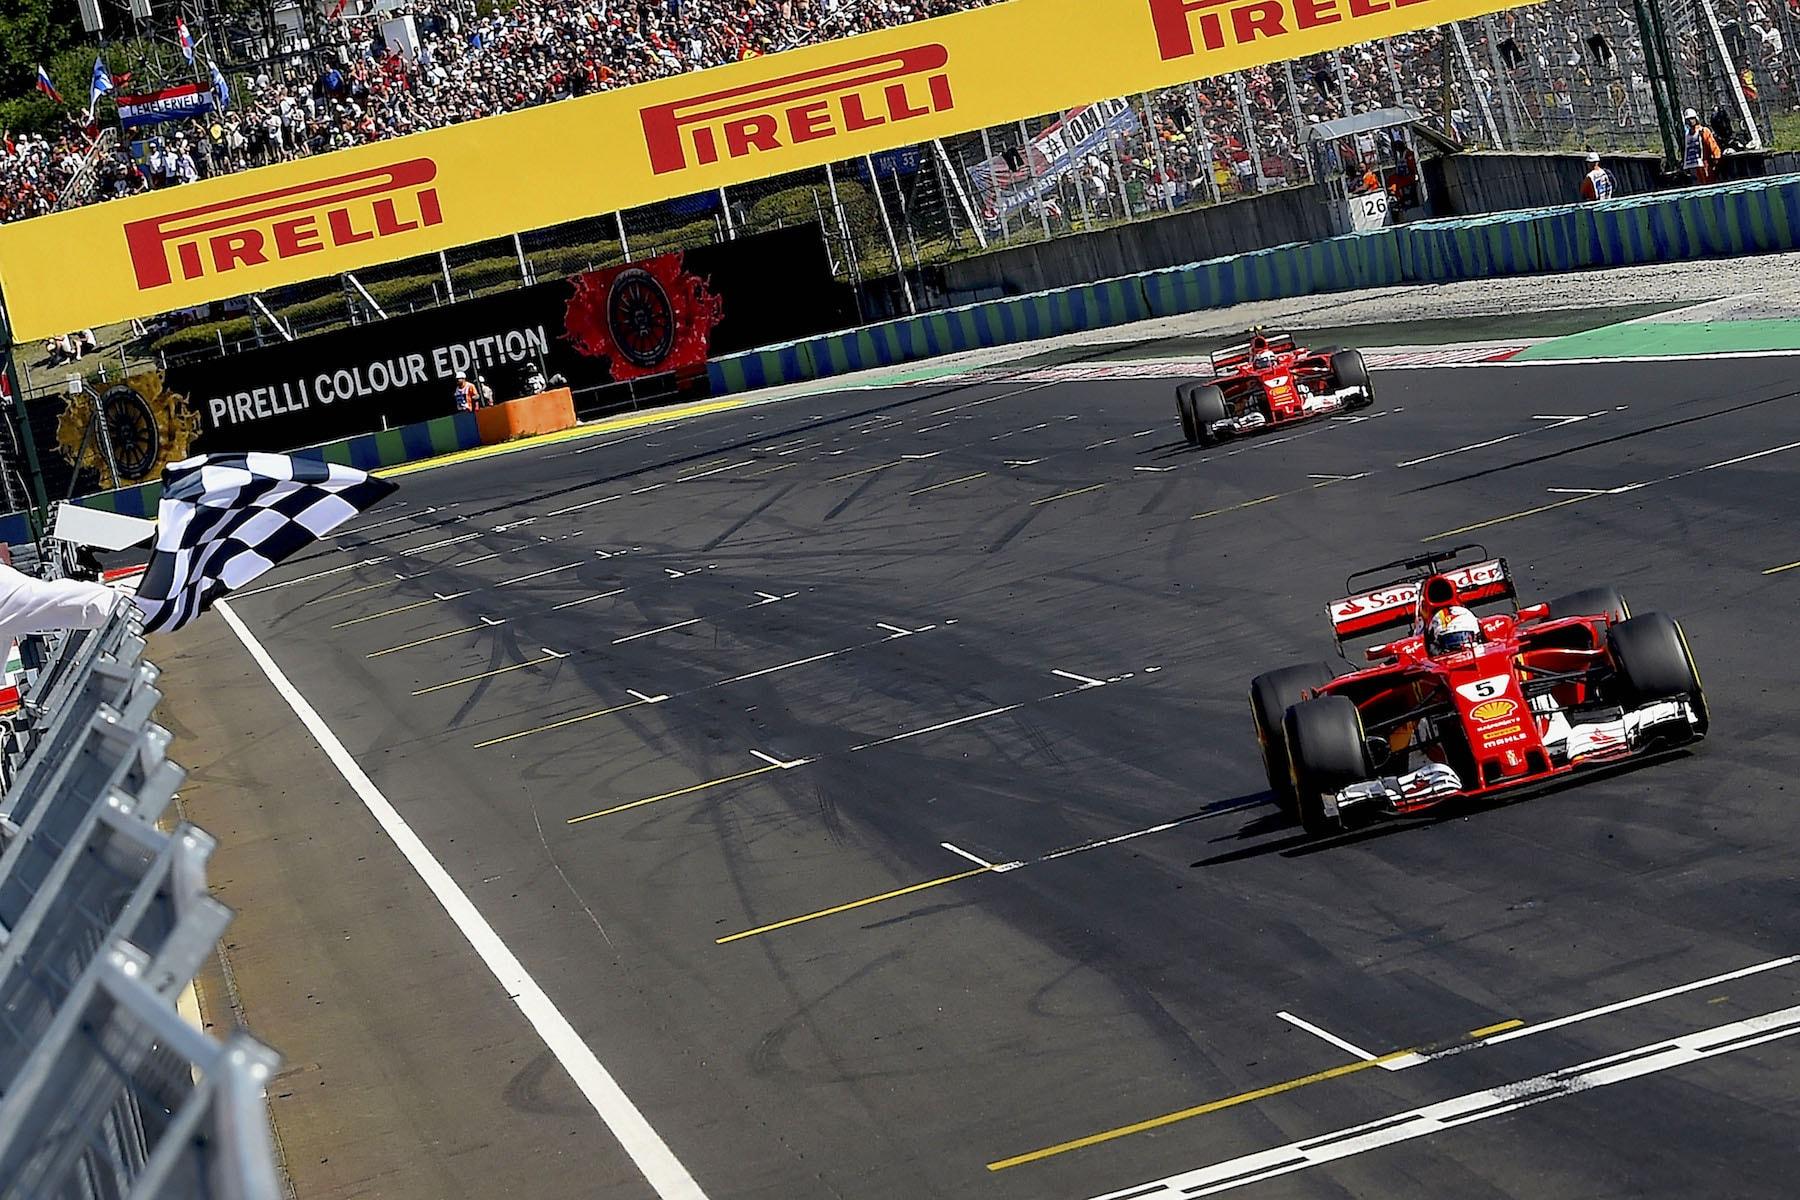 P 2017 Sebastian Vettel | Ferrari SF70H | 2017 Hungarian GP winner 2 copy.jpg